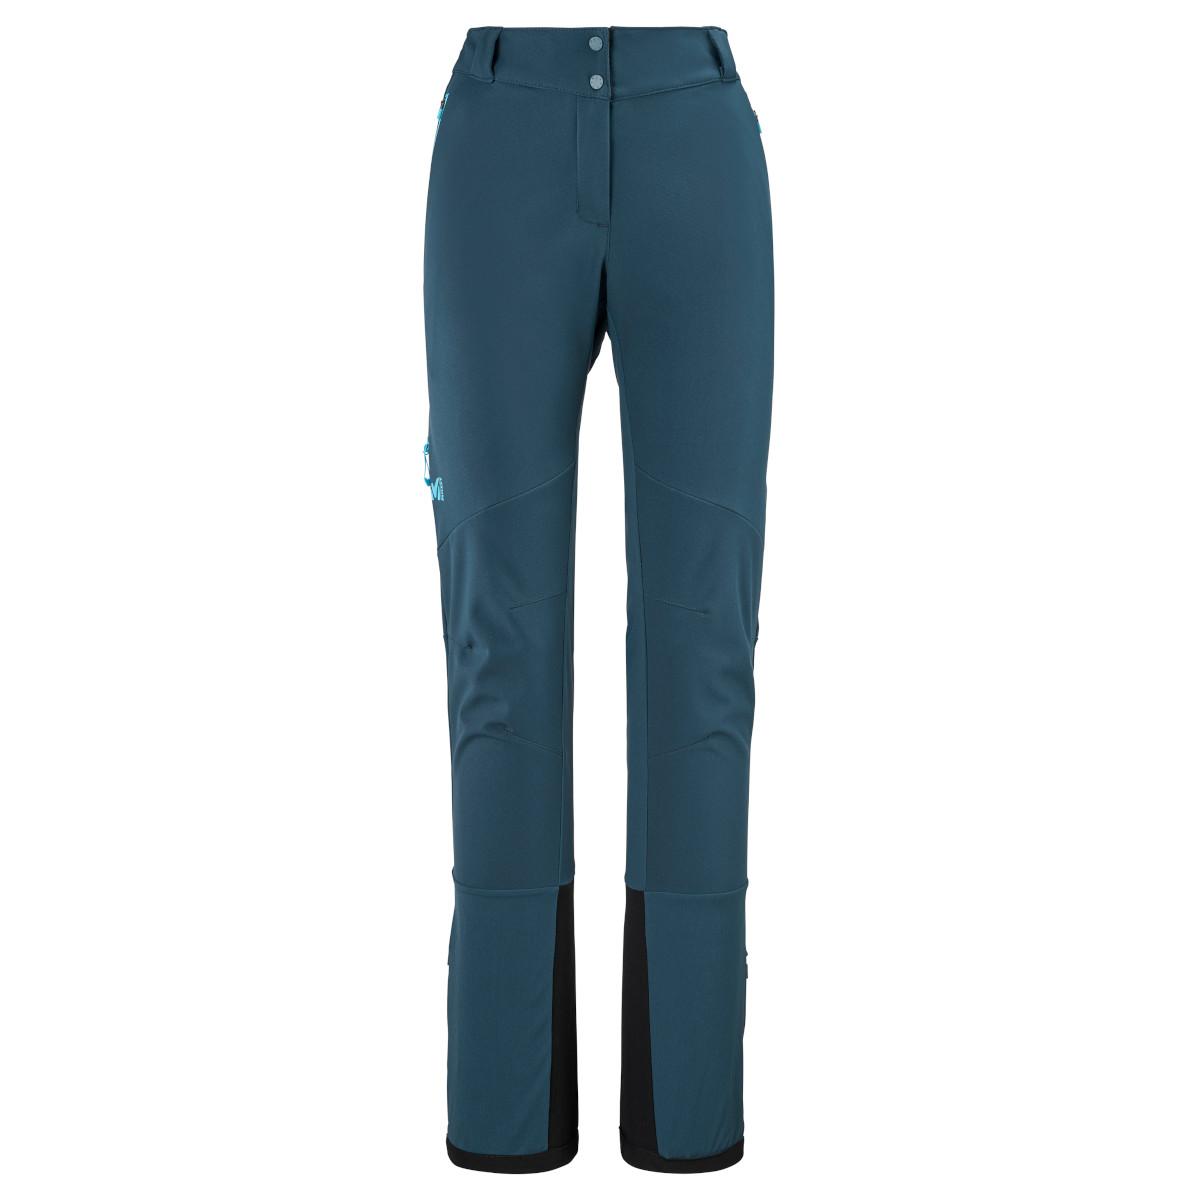 Millet Women's Geilo Shield Pants - Orion Blue